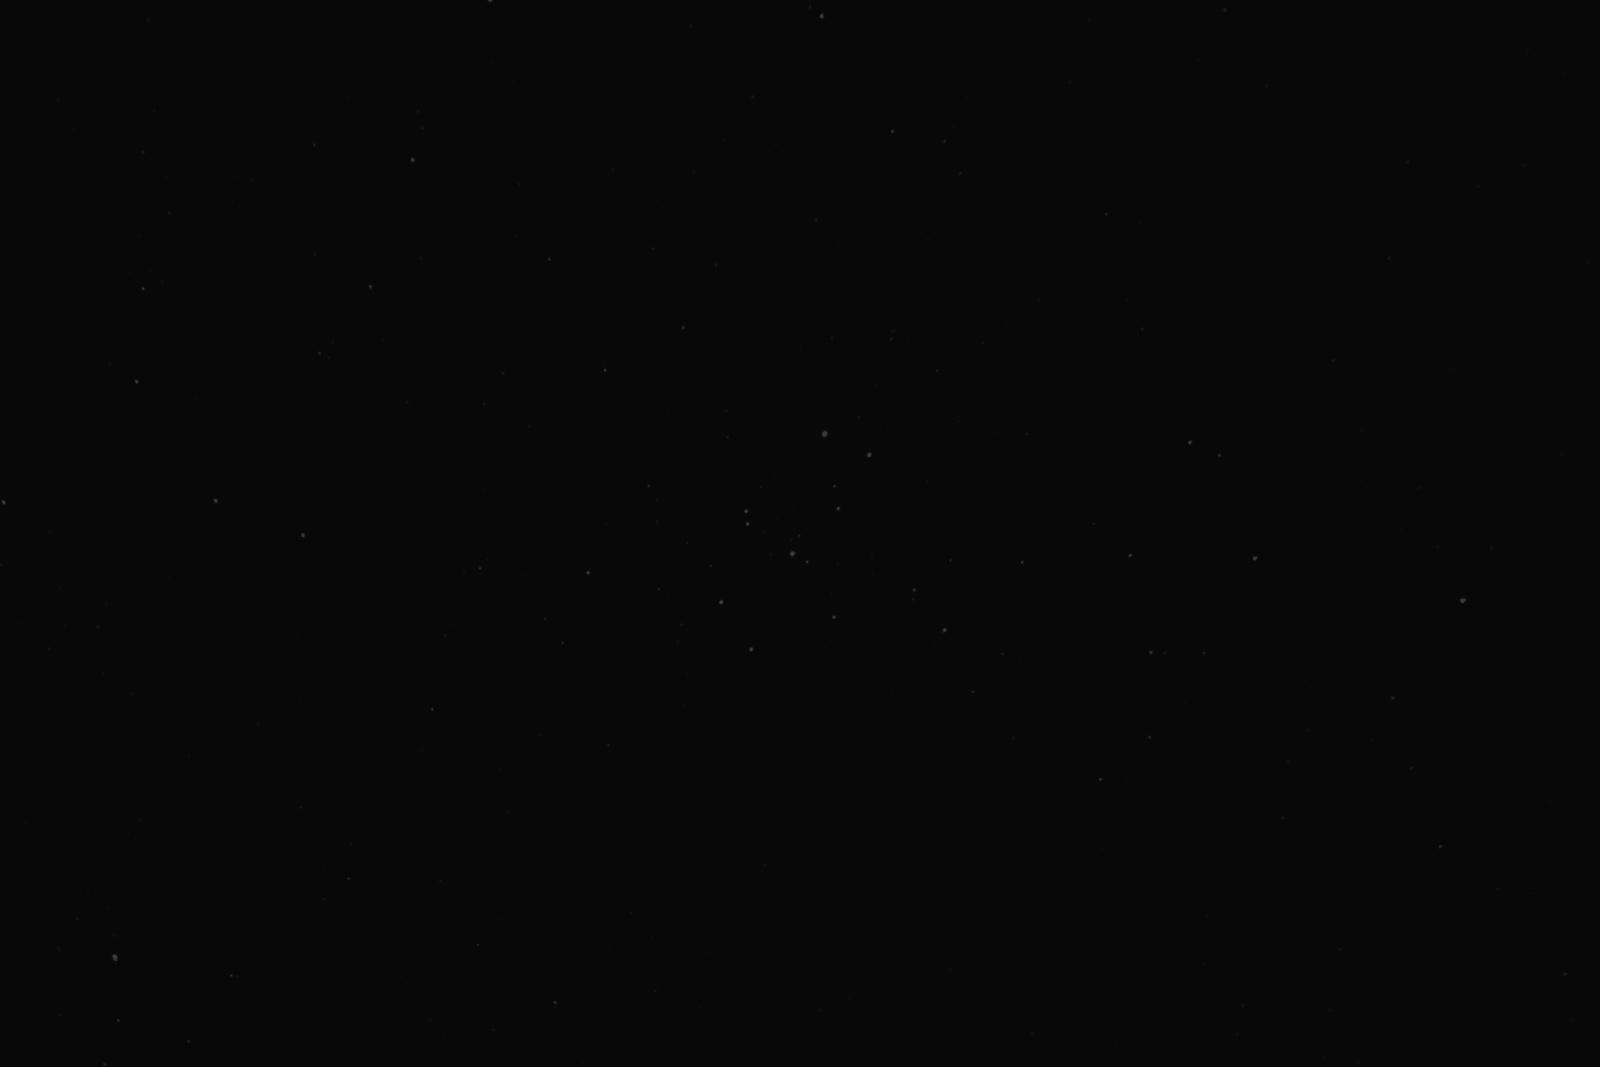 NGC_2244_Light_180_secs_001.thumb.jpg.753b94902ce47086acdc515c36fe095b.jpg